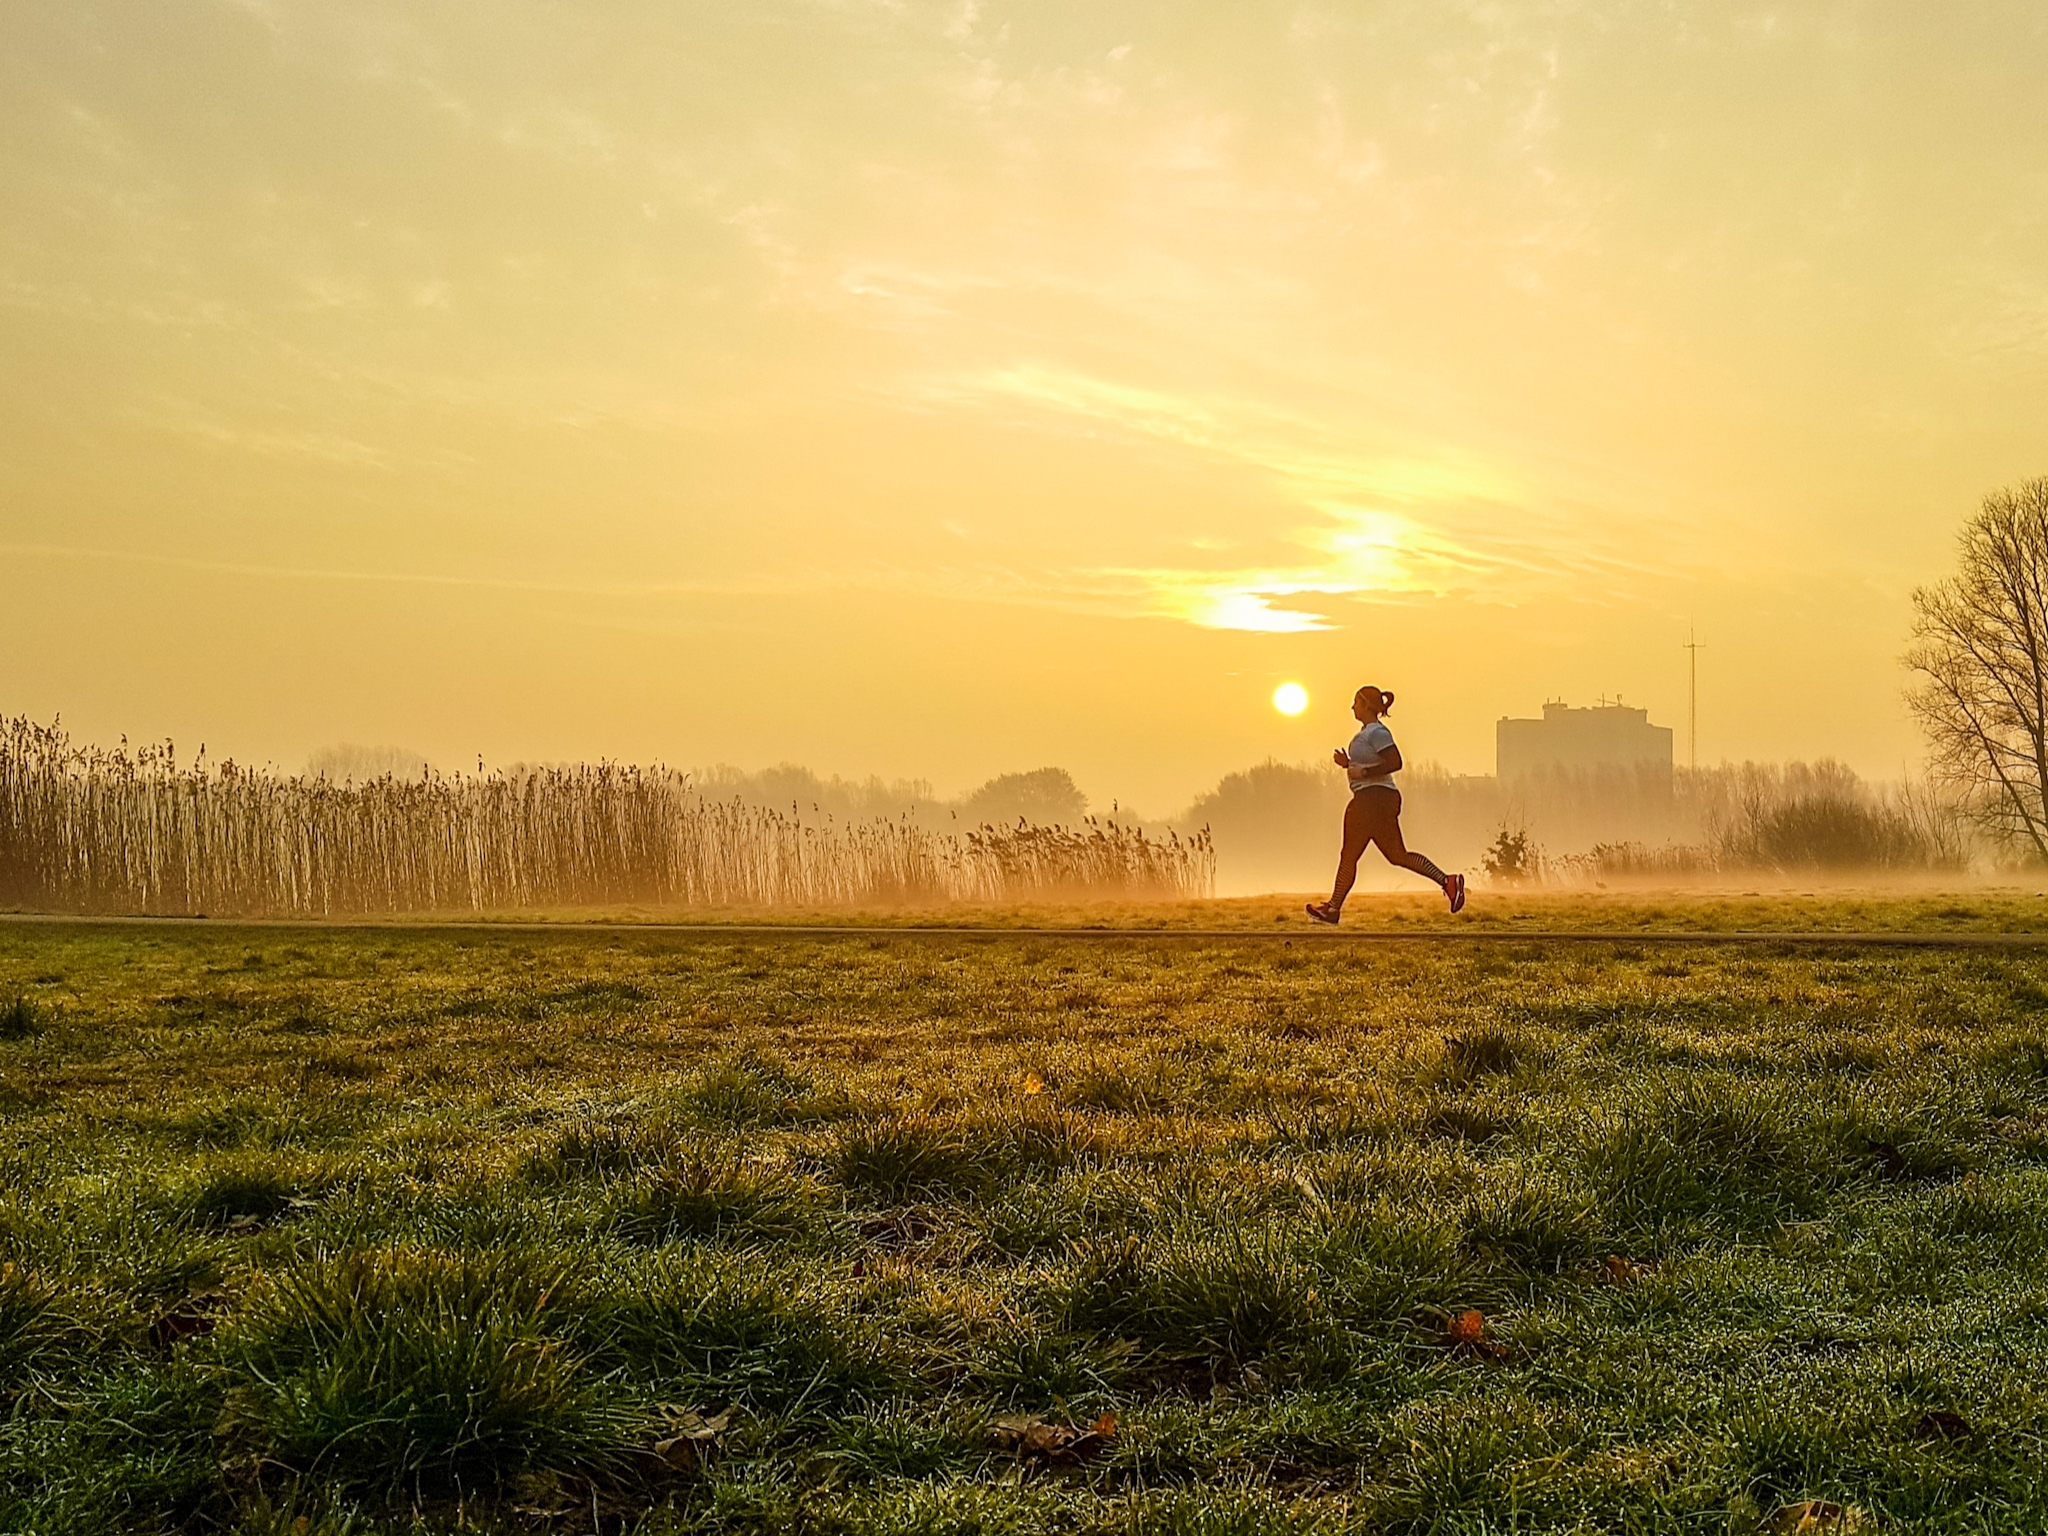 """Nummer 2 Fotowedstrijd IJsselstein 2019 - Petra van Dijk met """"Ochtendloopje"""""""